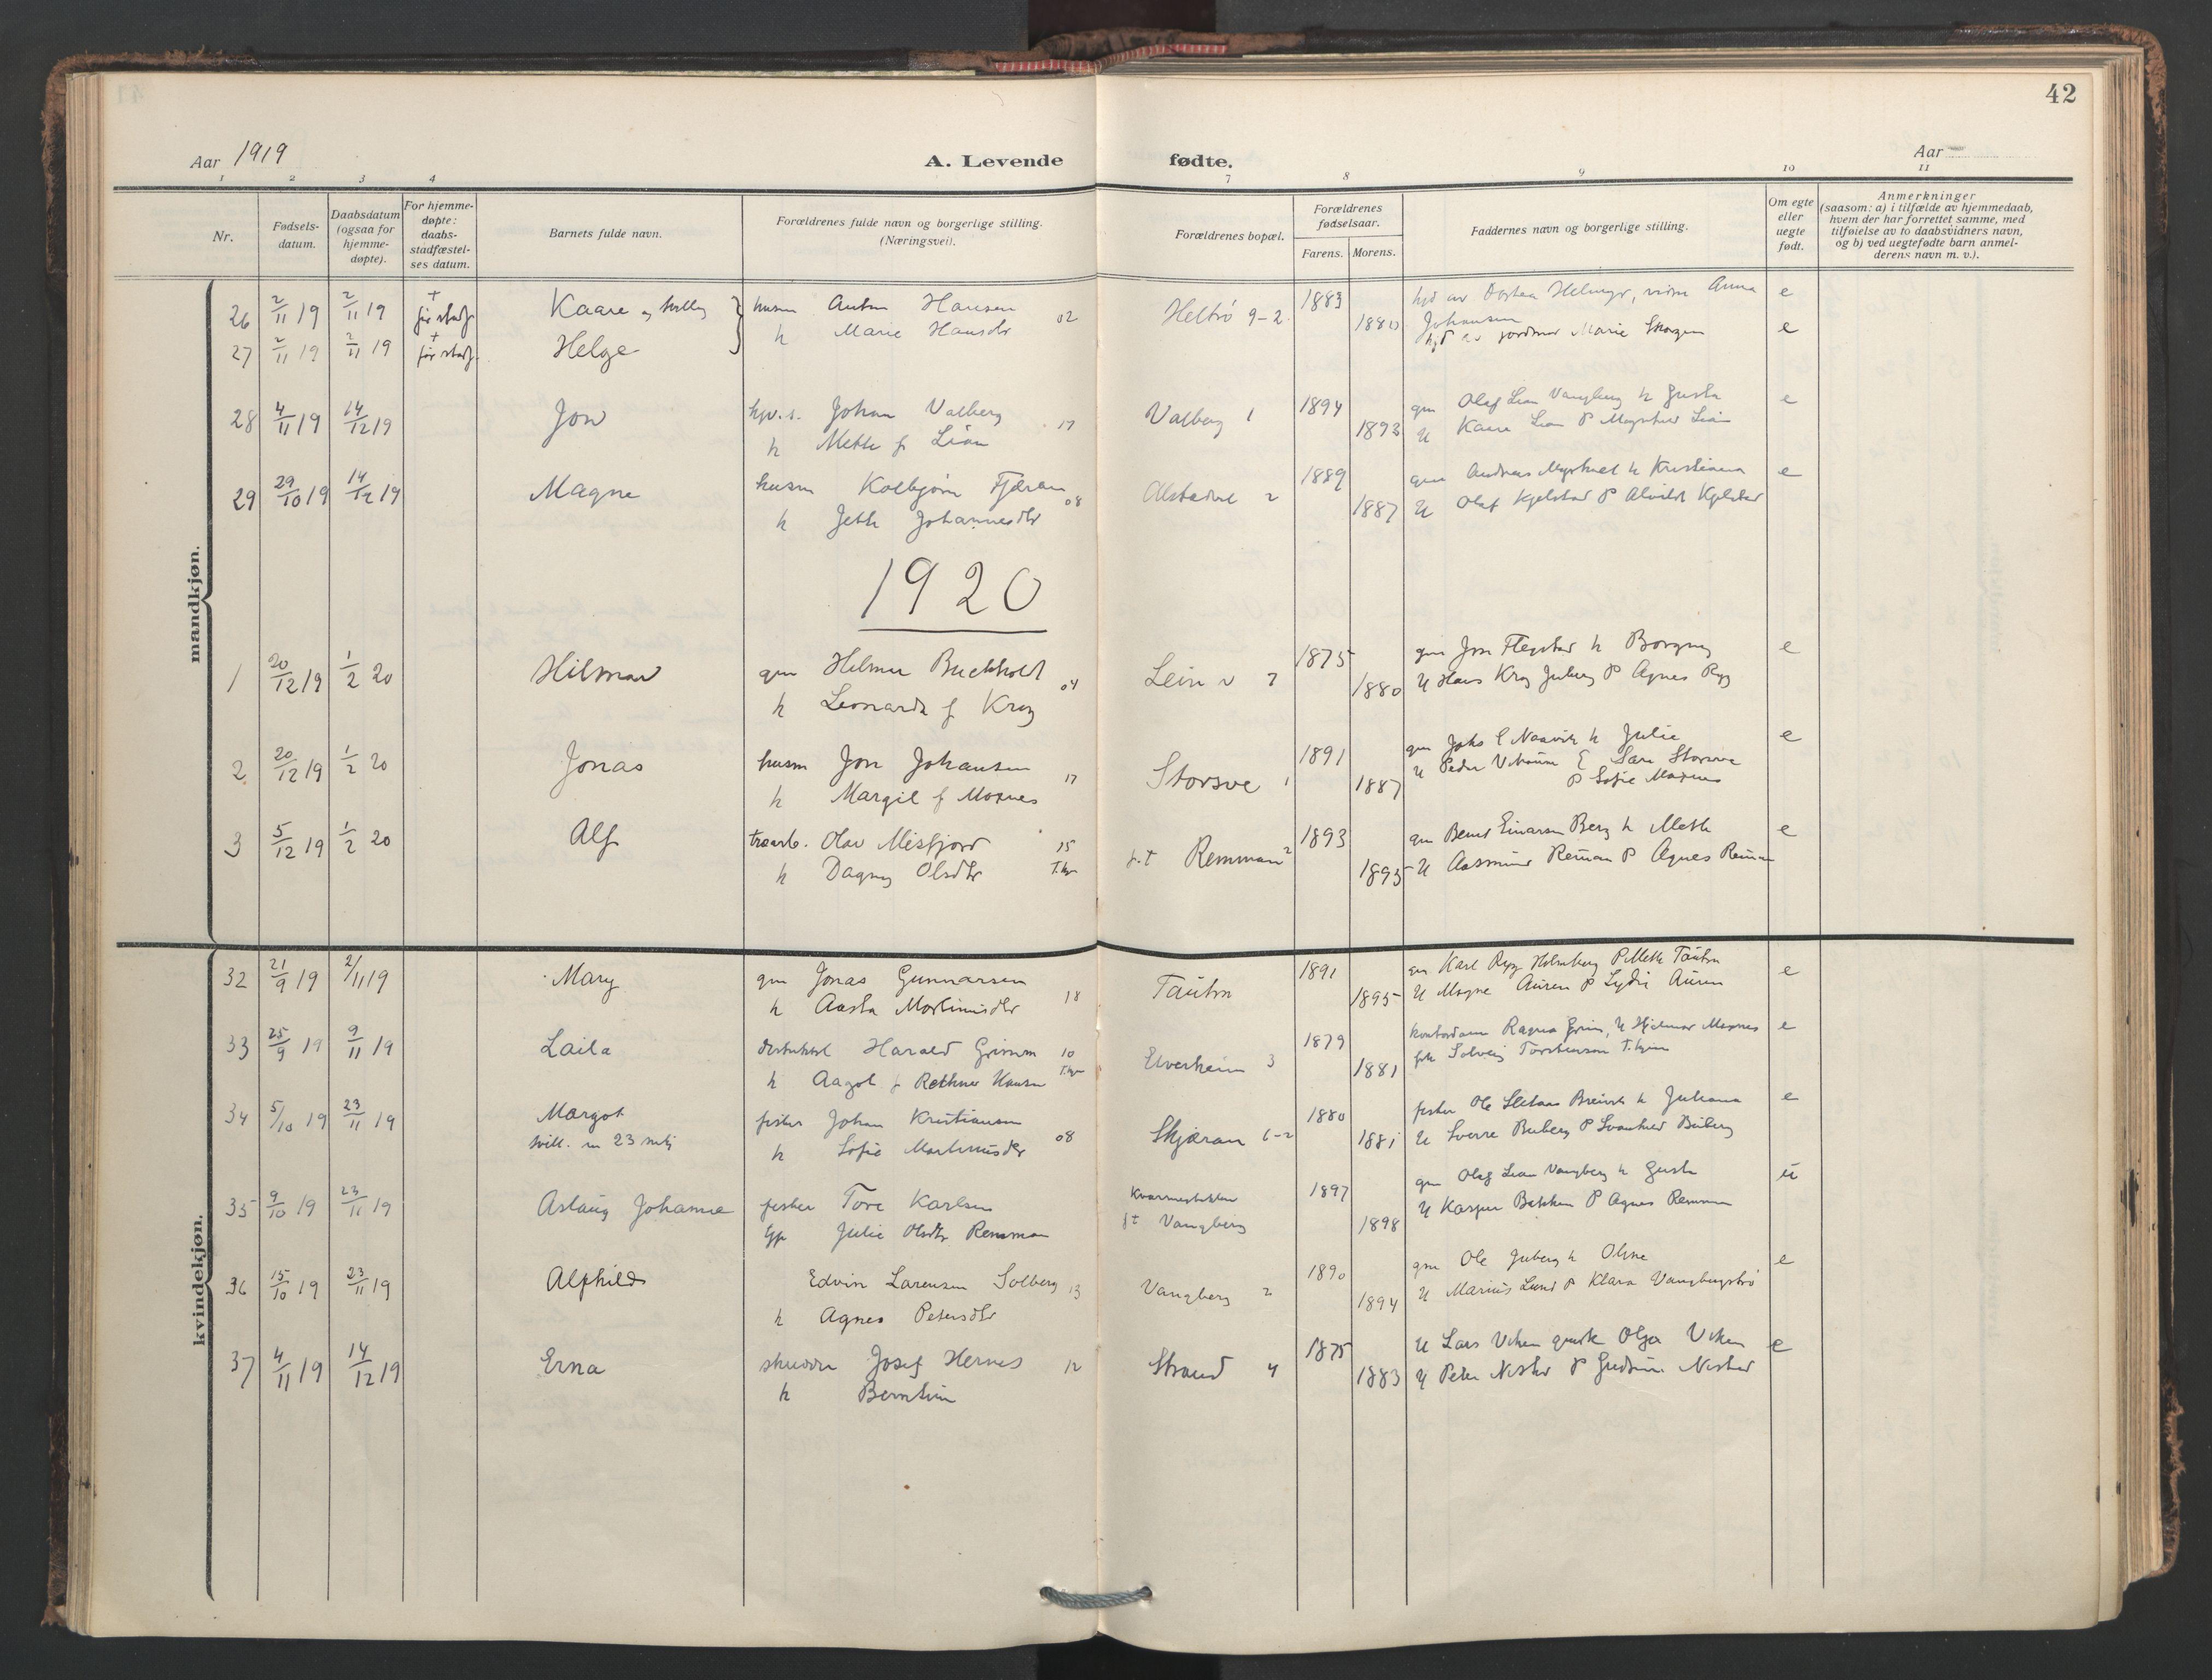 SAT, Ministerialprotokoller, klokkerbøker og fødselsregistre - Nord-Trøndelag, 713/L0123: Ministerialbok nr. 713A12, 1911-1925, s. 42